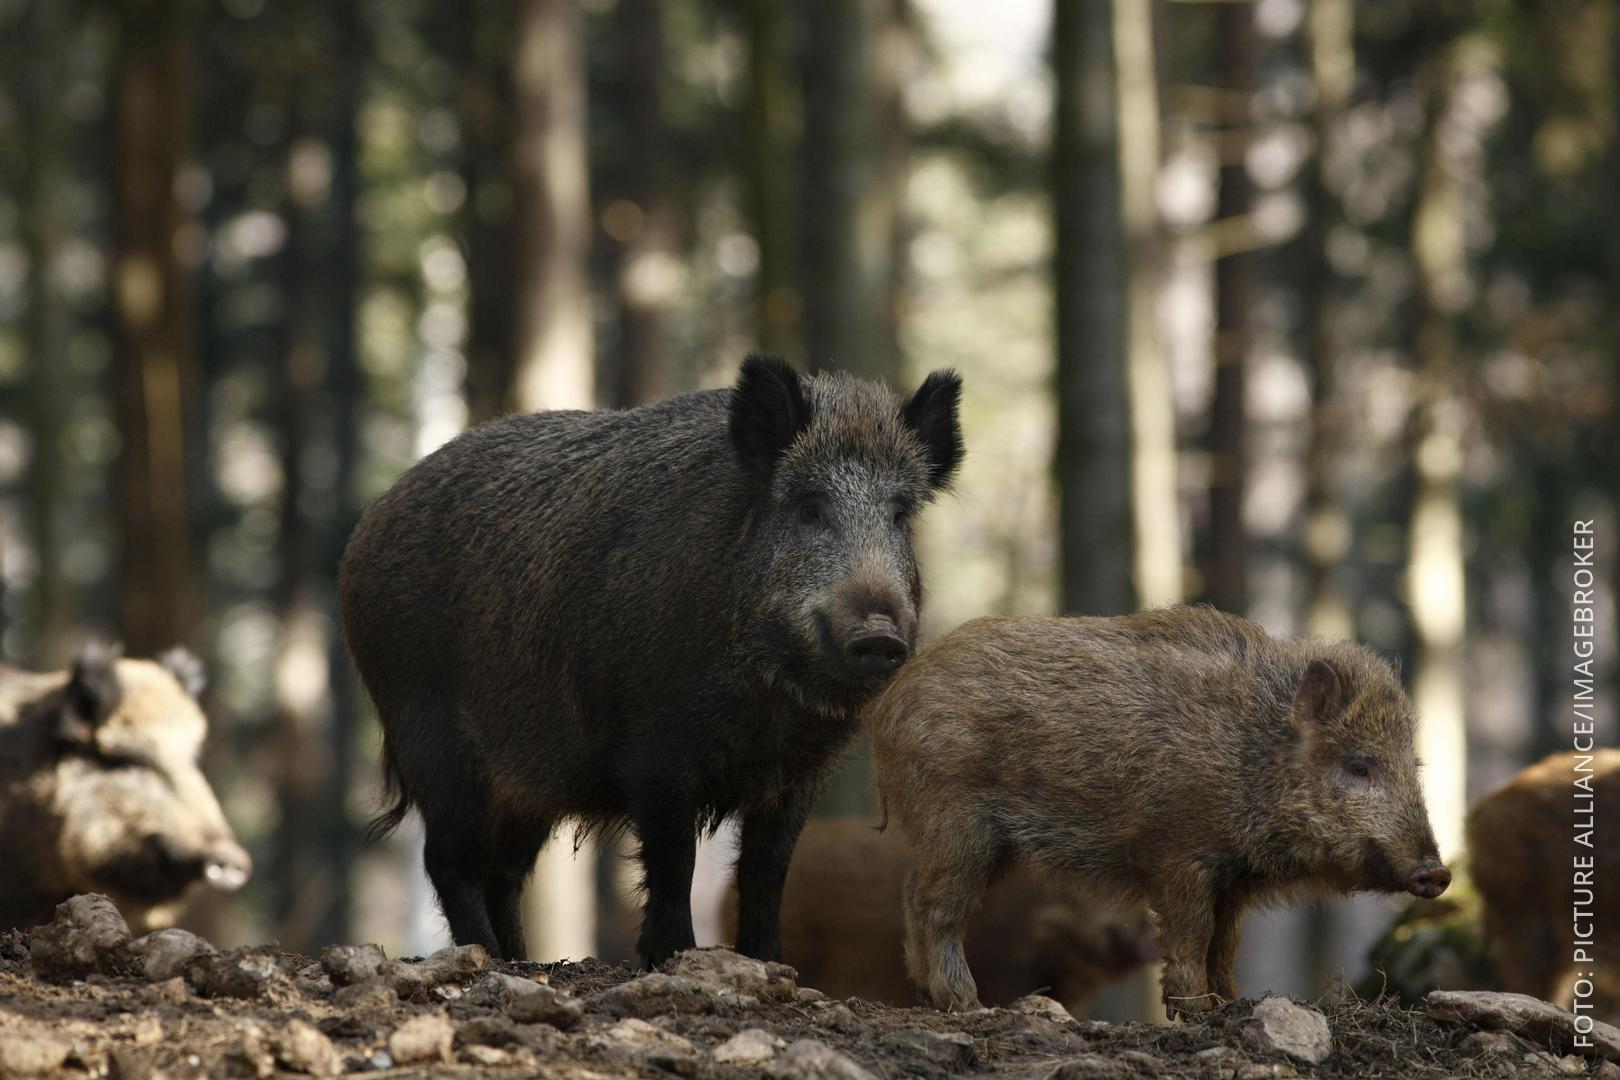 Mehrere Wildschweine stehen im Wald